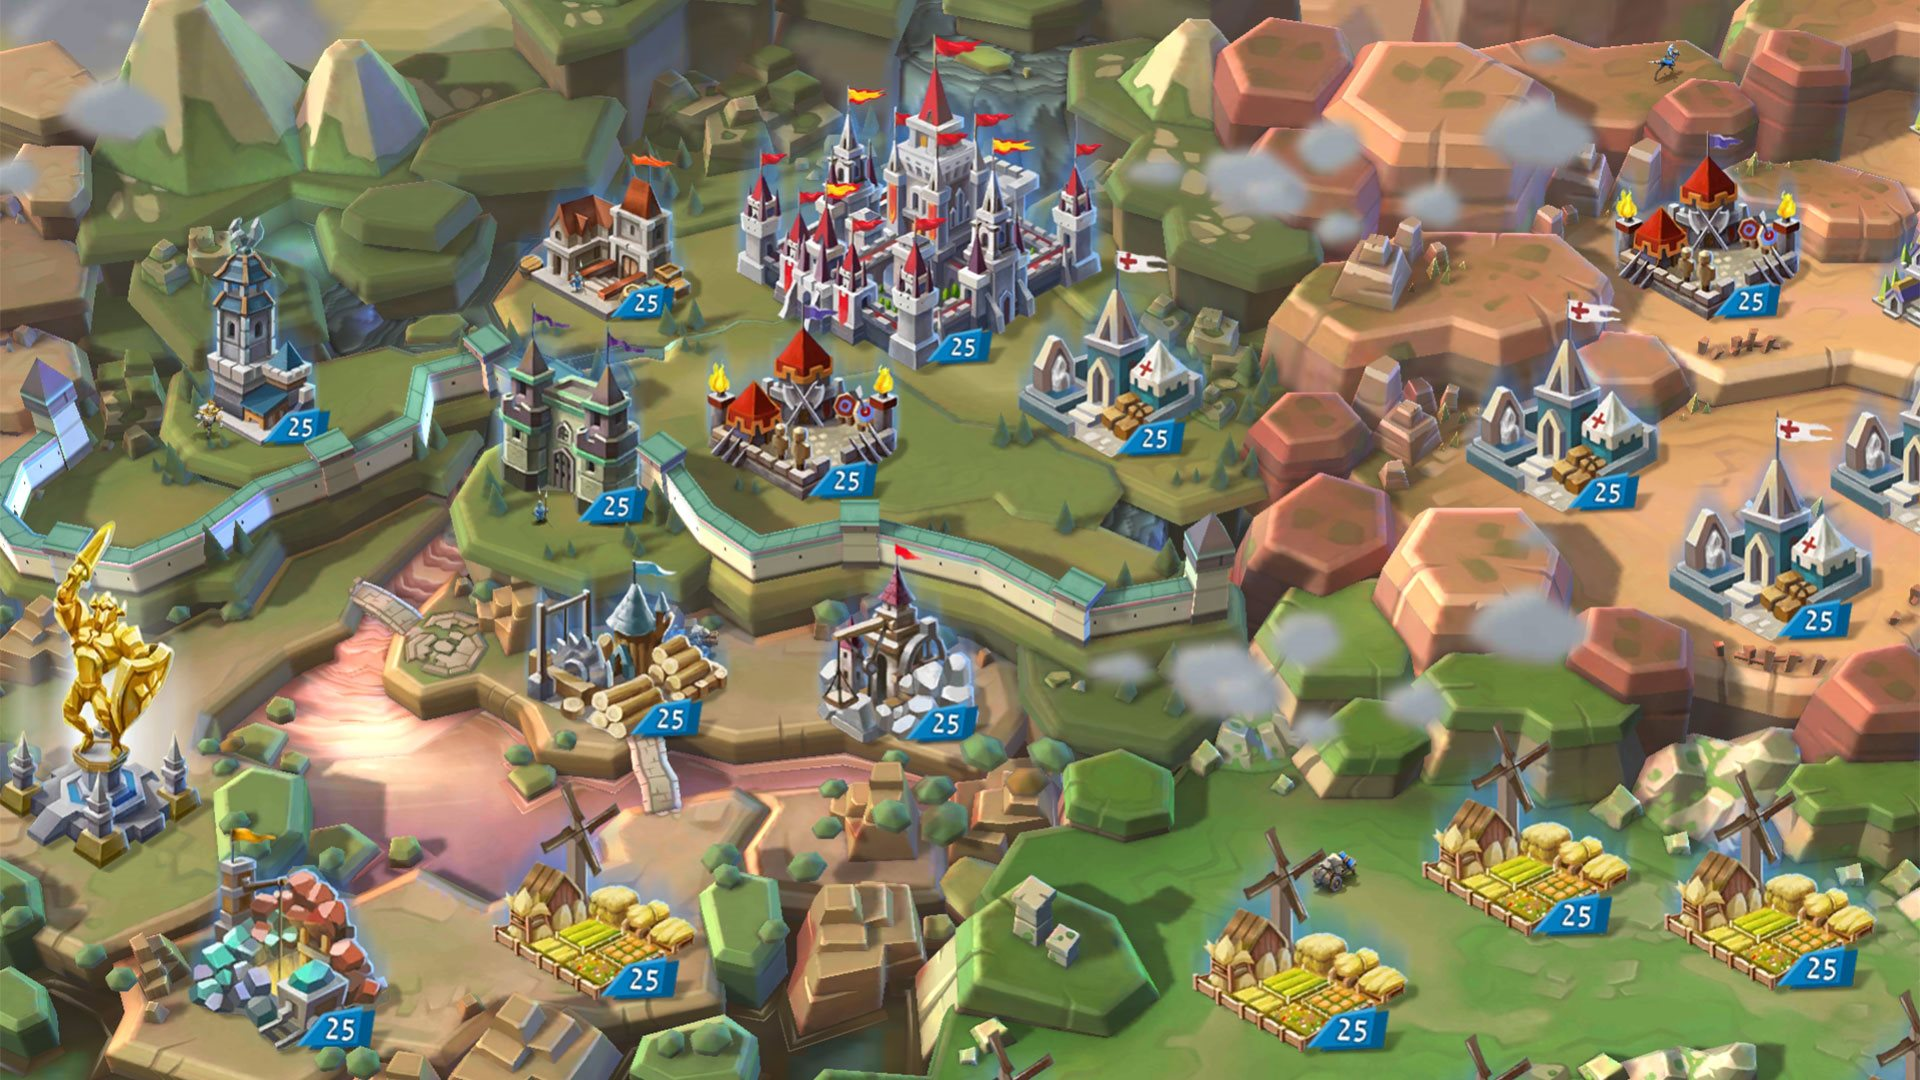 Tín đồ game chiến thuật có hẹn với LordsFest tại Tp HCM - Hình 2